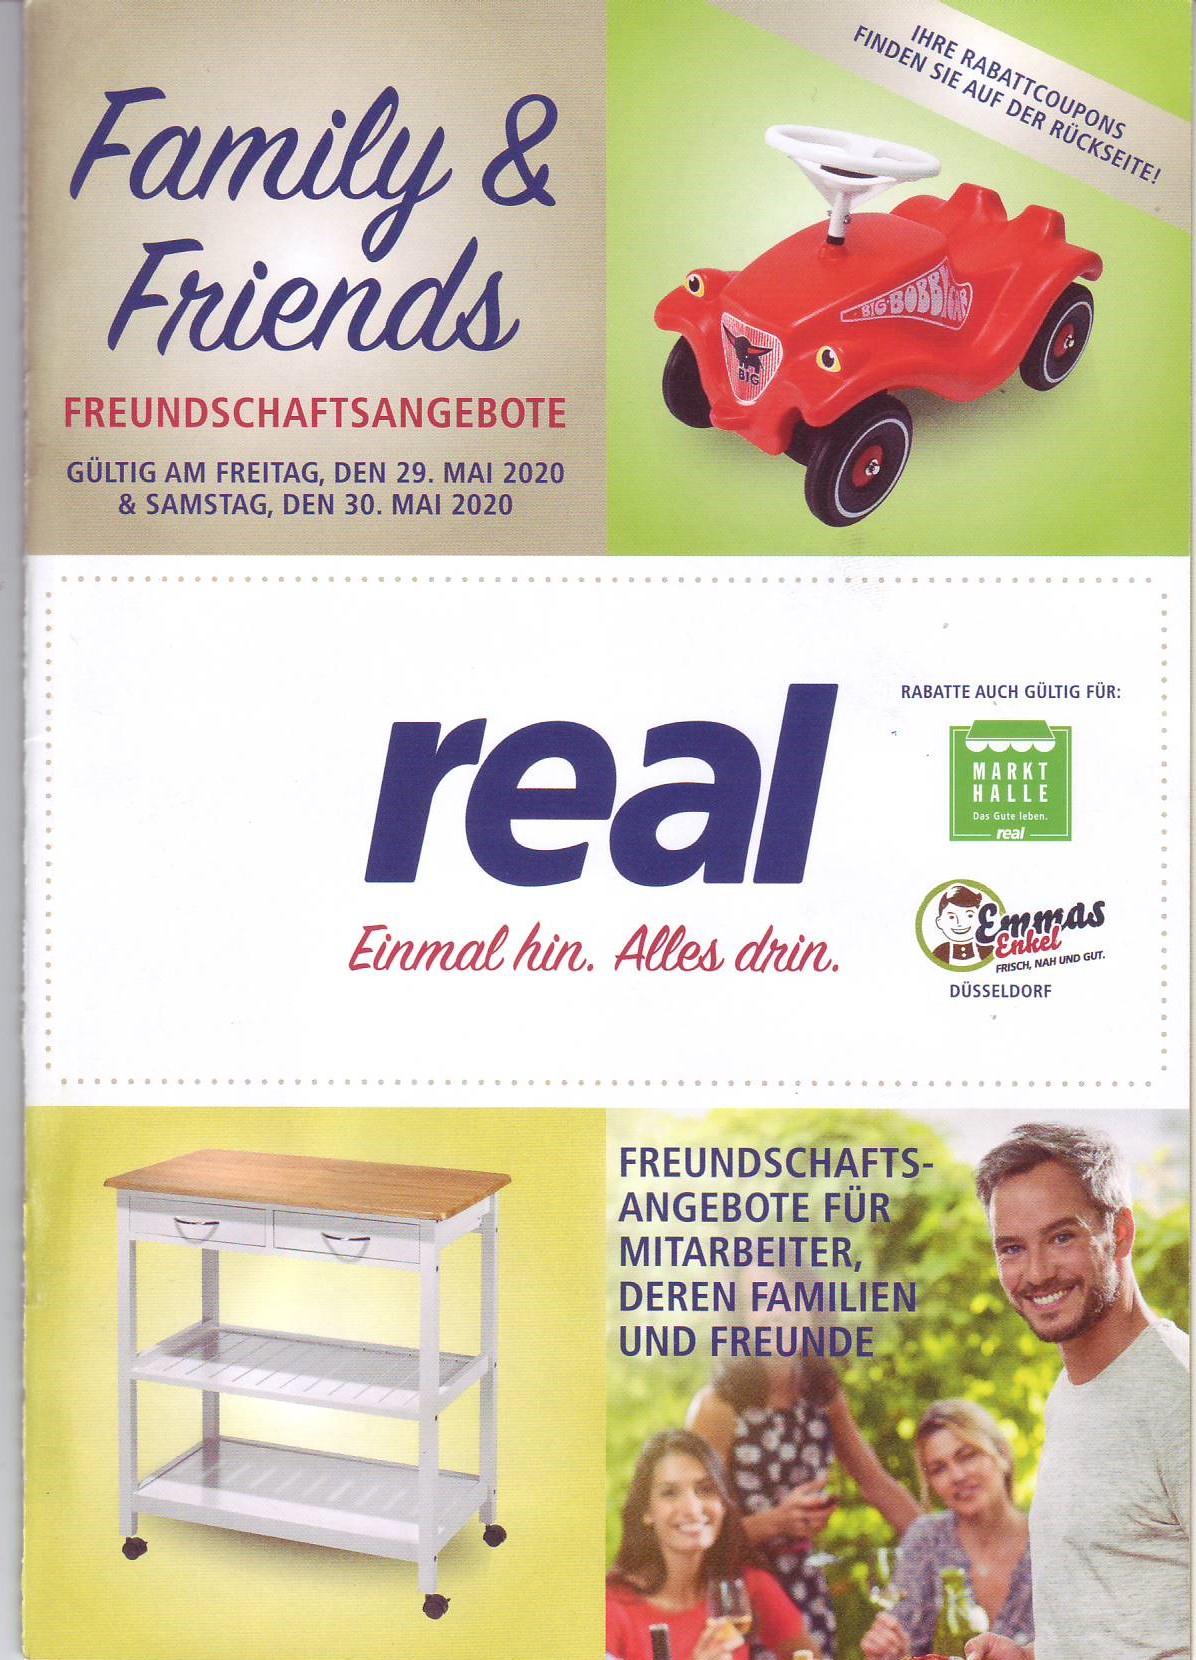 Real Friends und Family 29+30.5: 217cm TV 1520€, 3D-Drucker 295€, 30% auf Makita & PS-Spiele, Airpods 2 120€